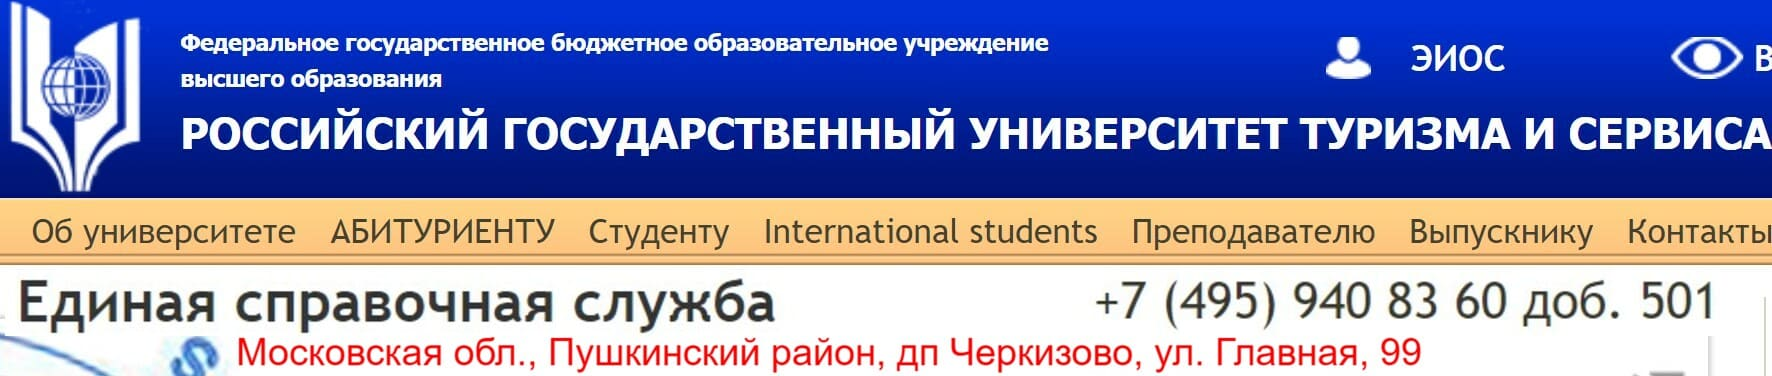 РГУТИС студенческий портал